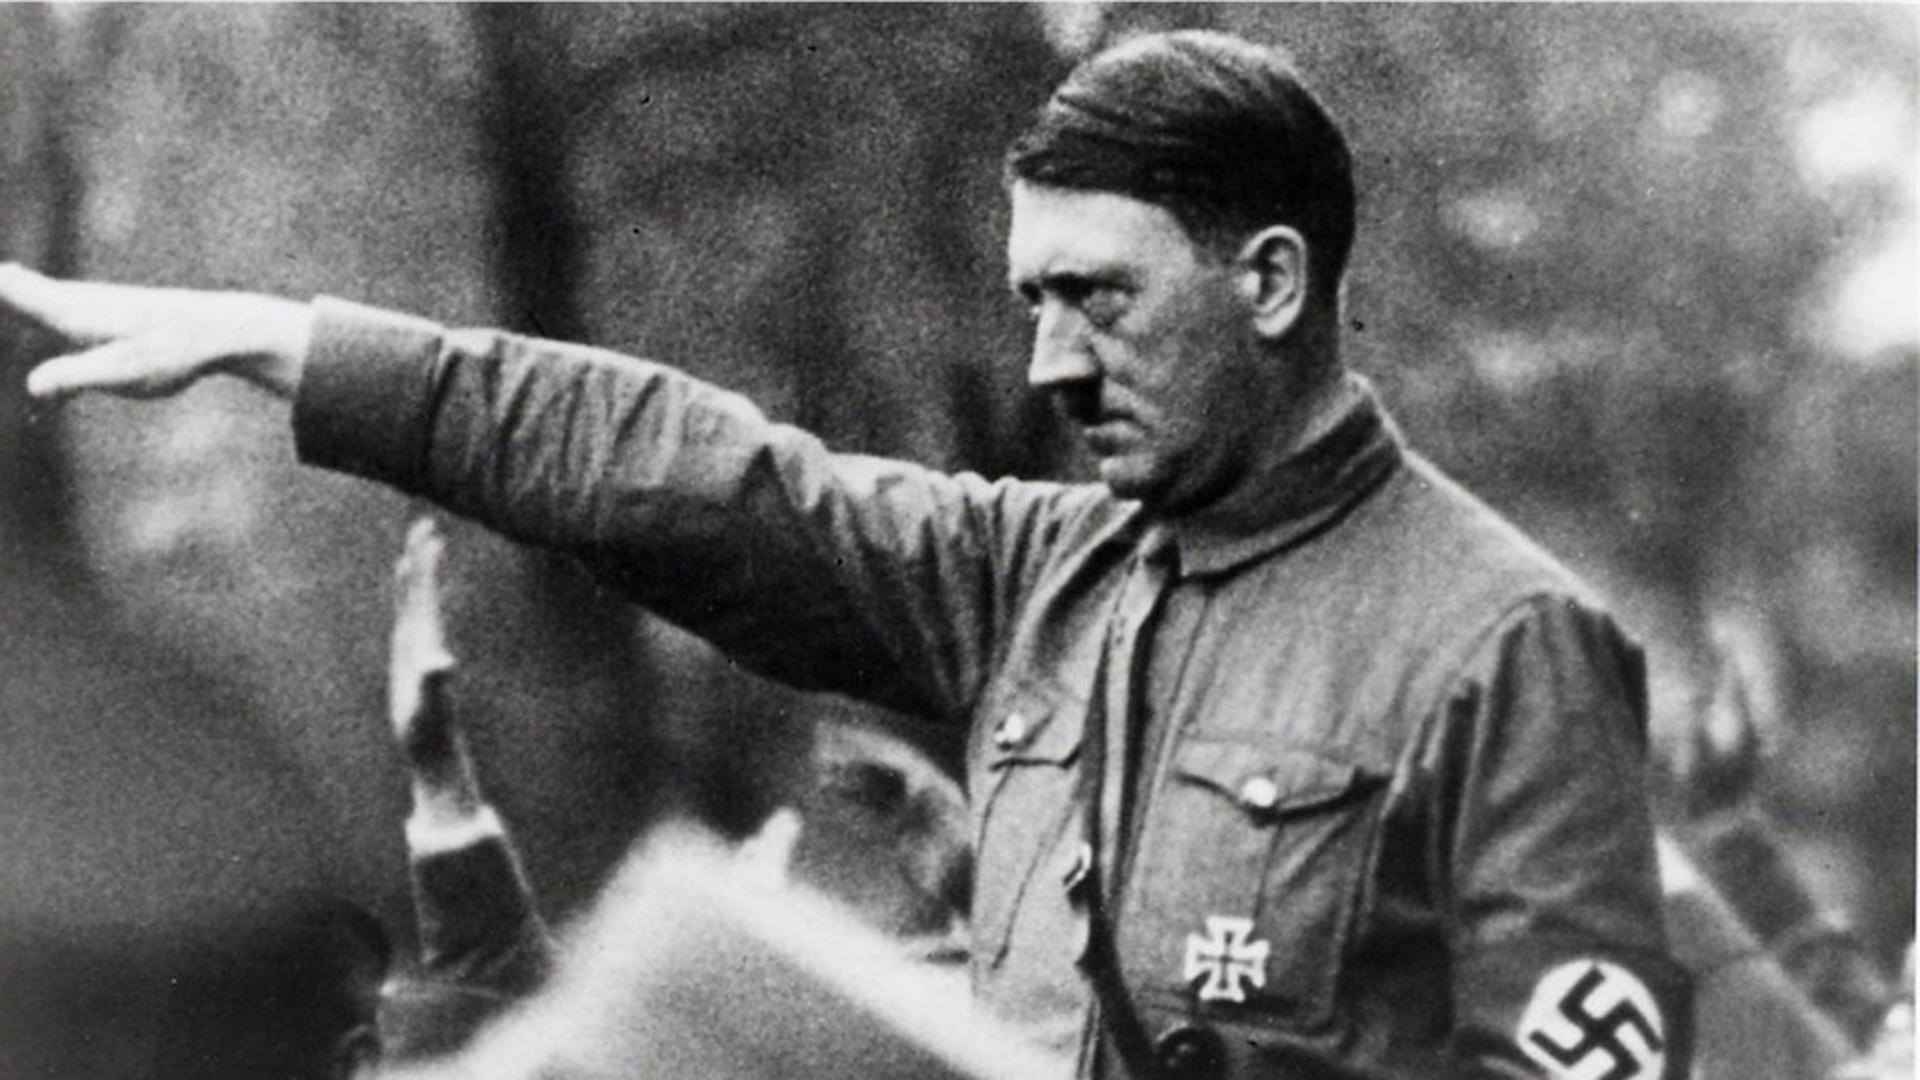 ドイツで【ナチス式敬礼】を行うと逮捕される